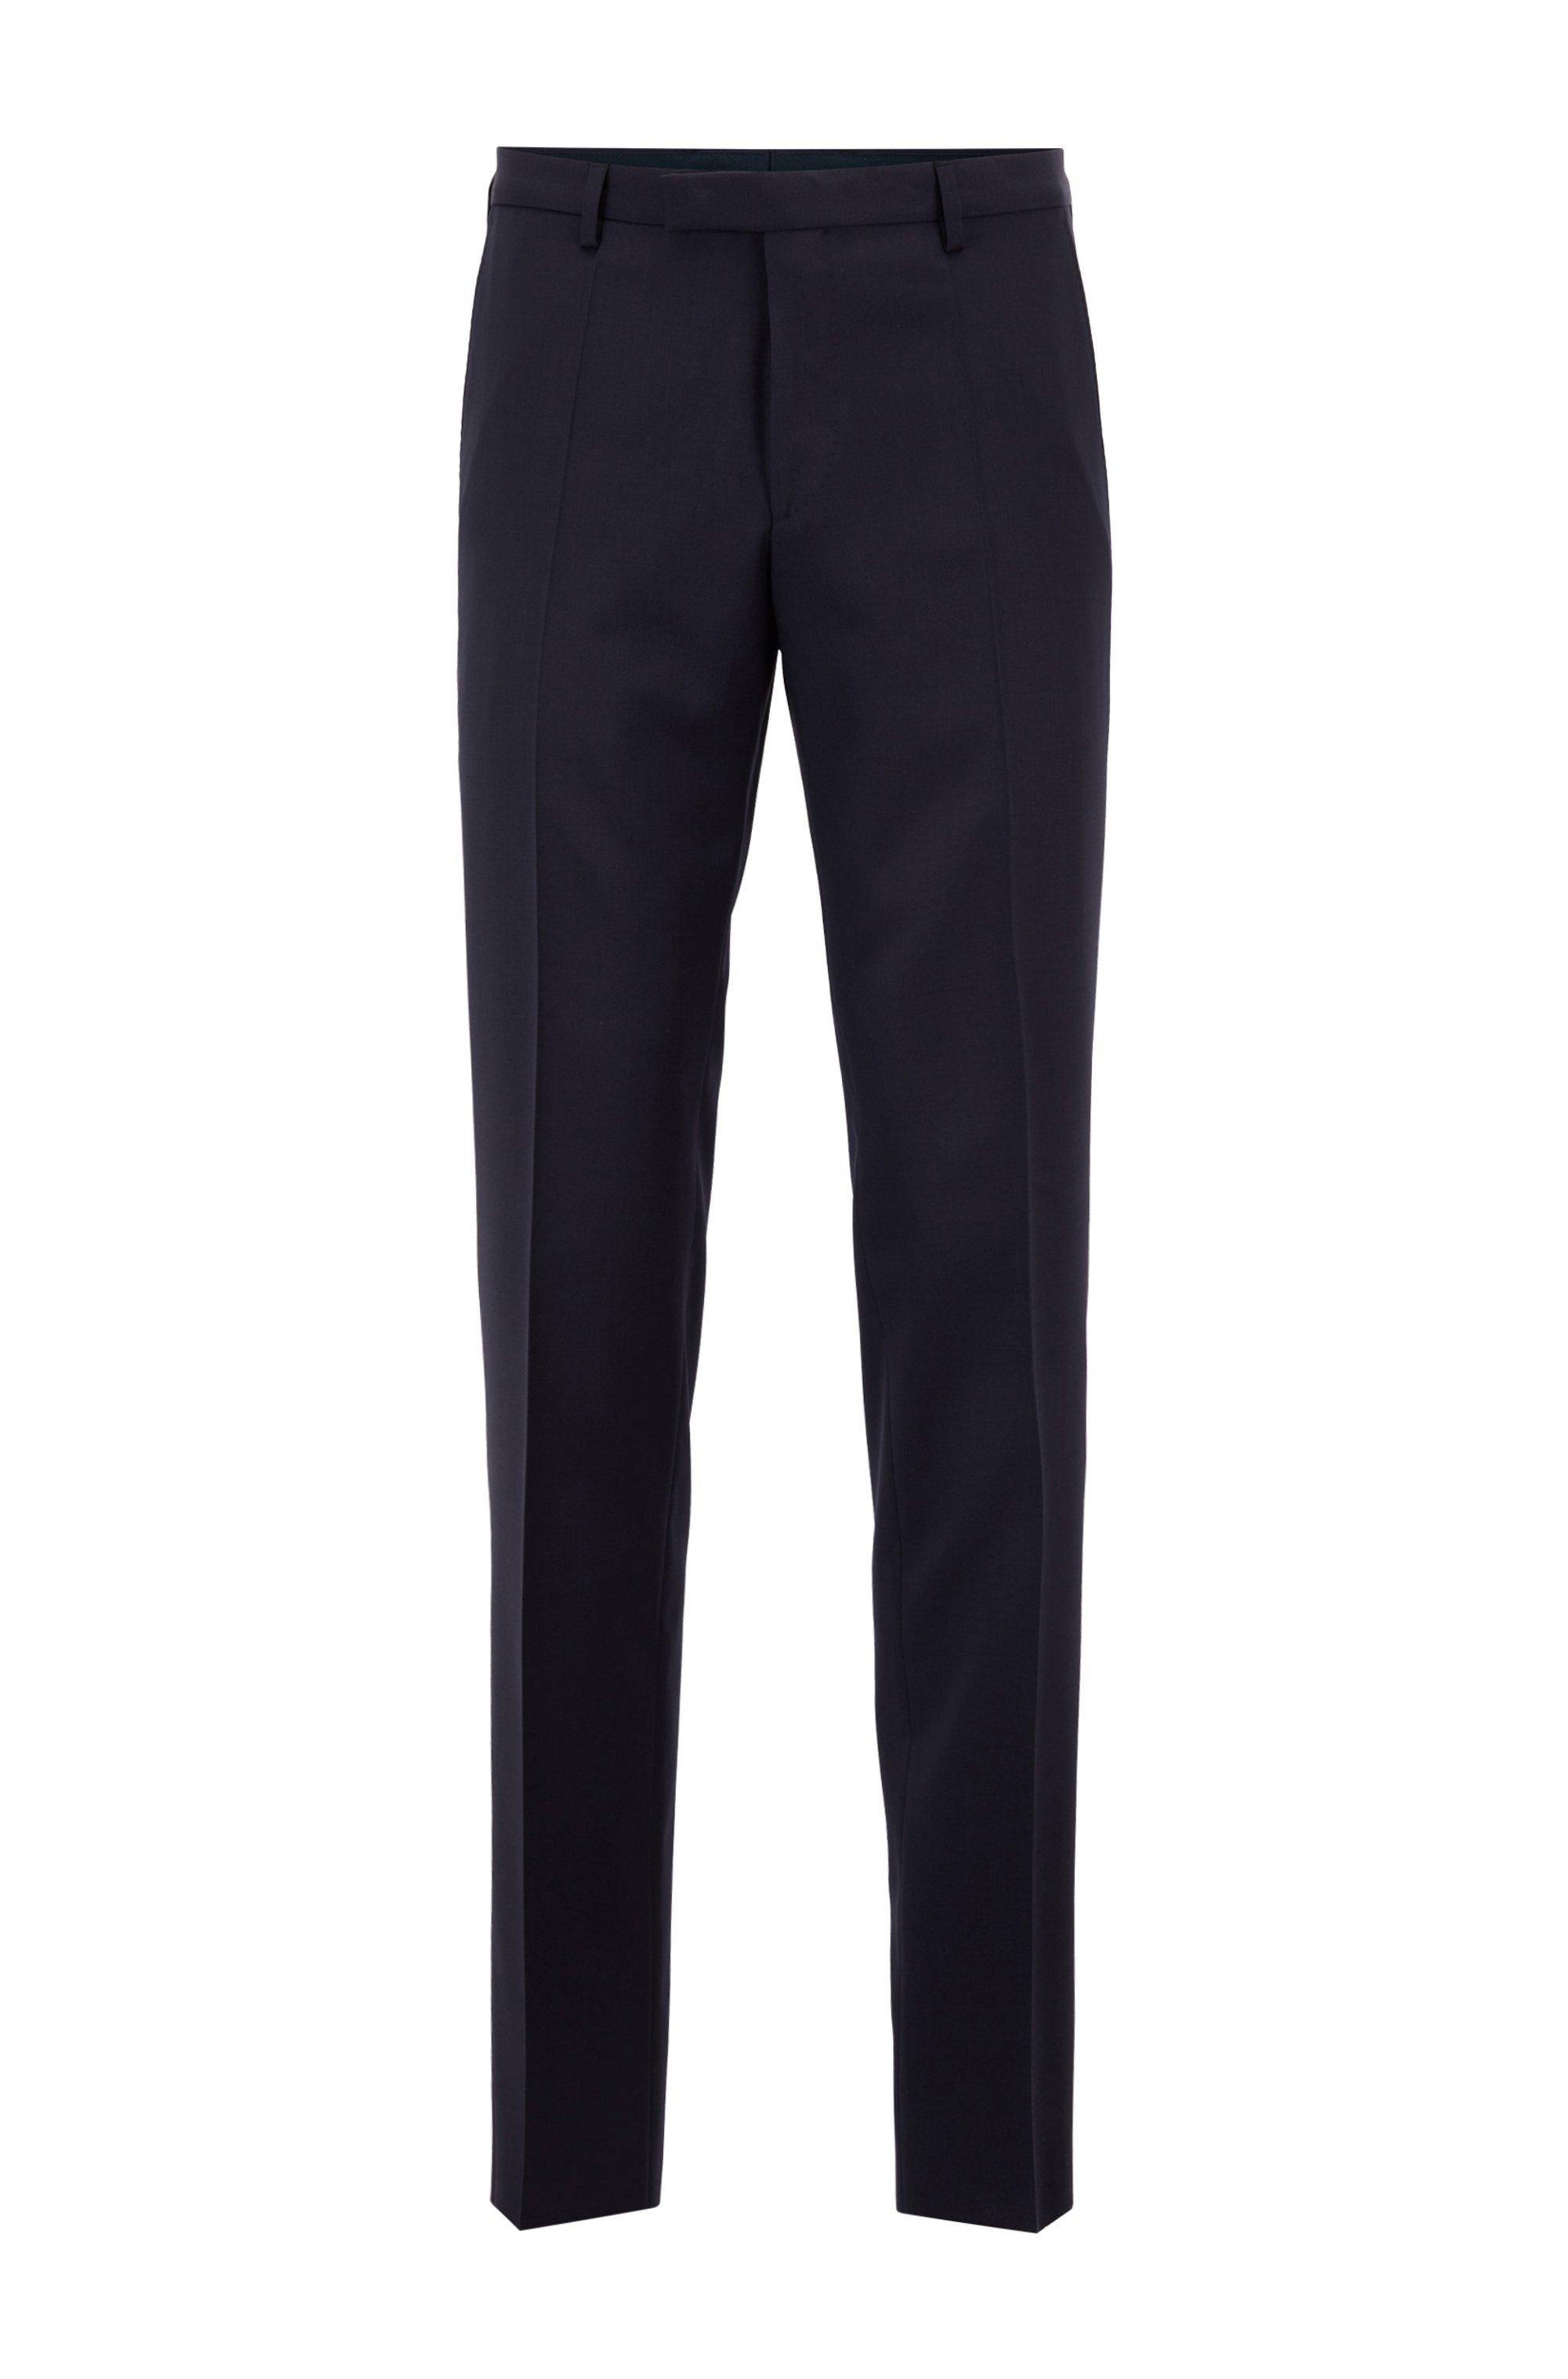 Straight-leg business pants in virgin wool, Dark Blue